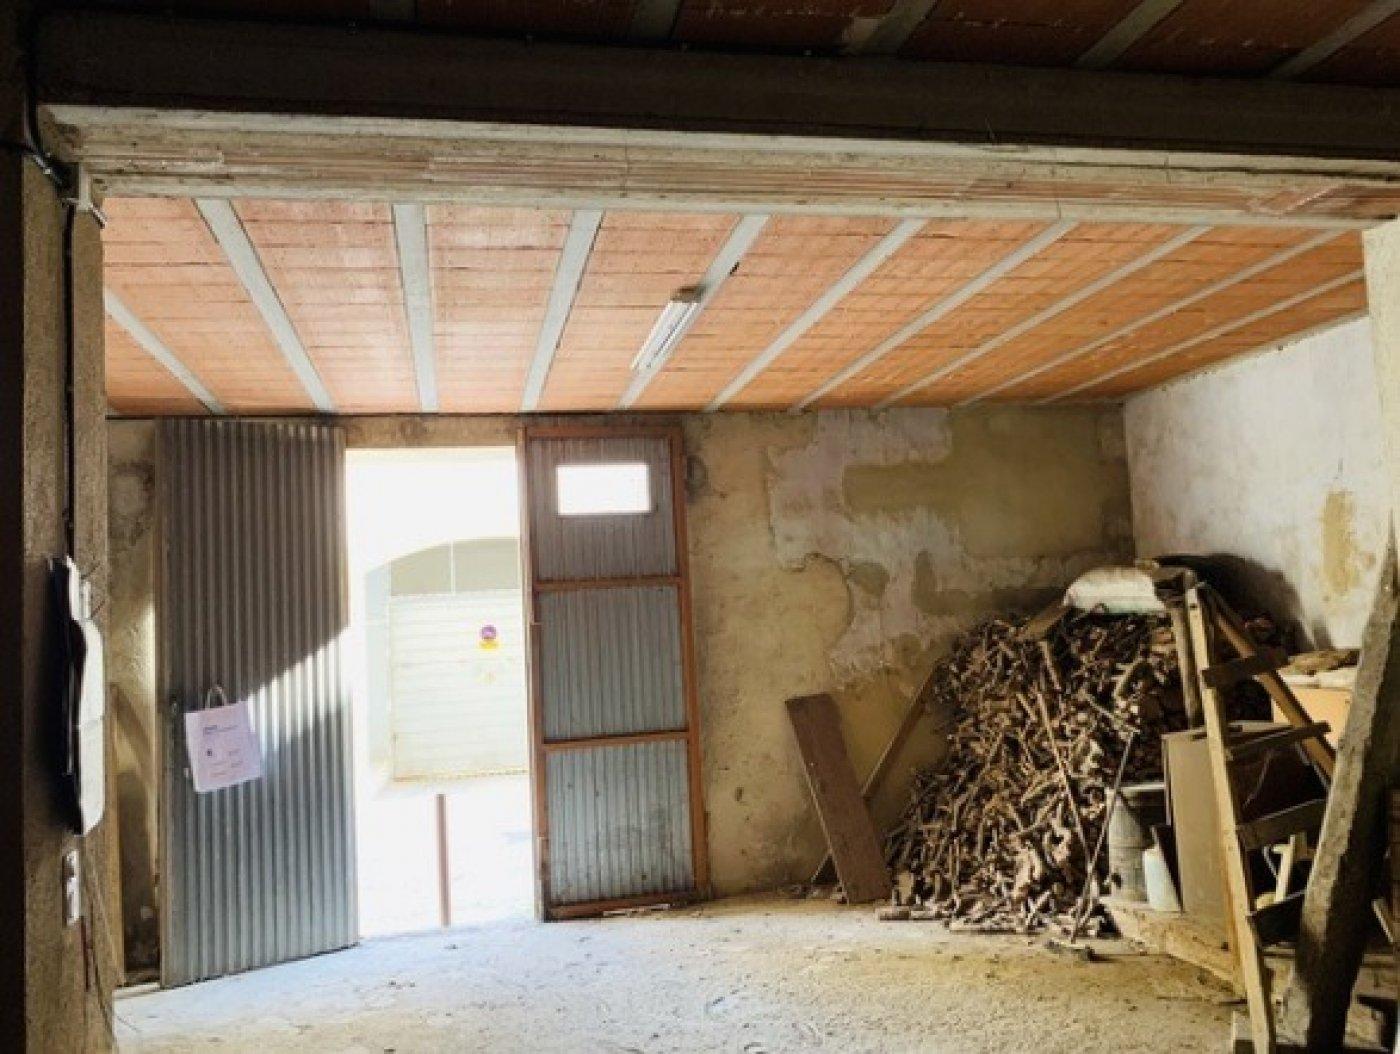 Casa almacén solar a rehabilitar en vendrell centro - imagenInmueble5